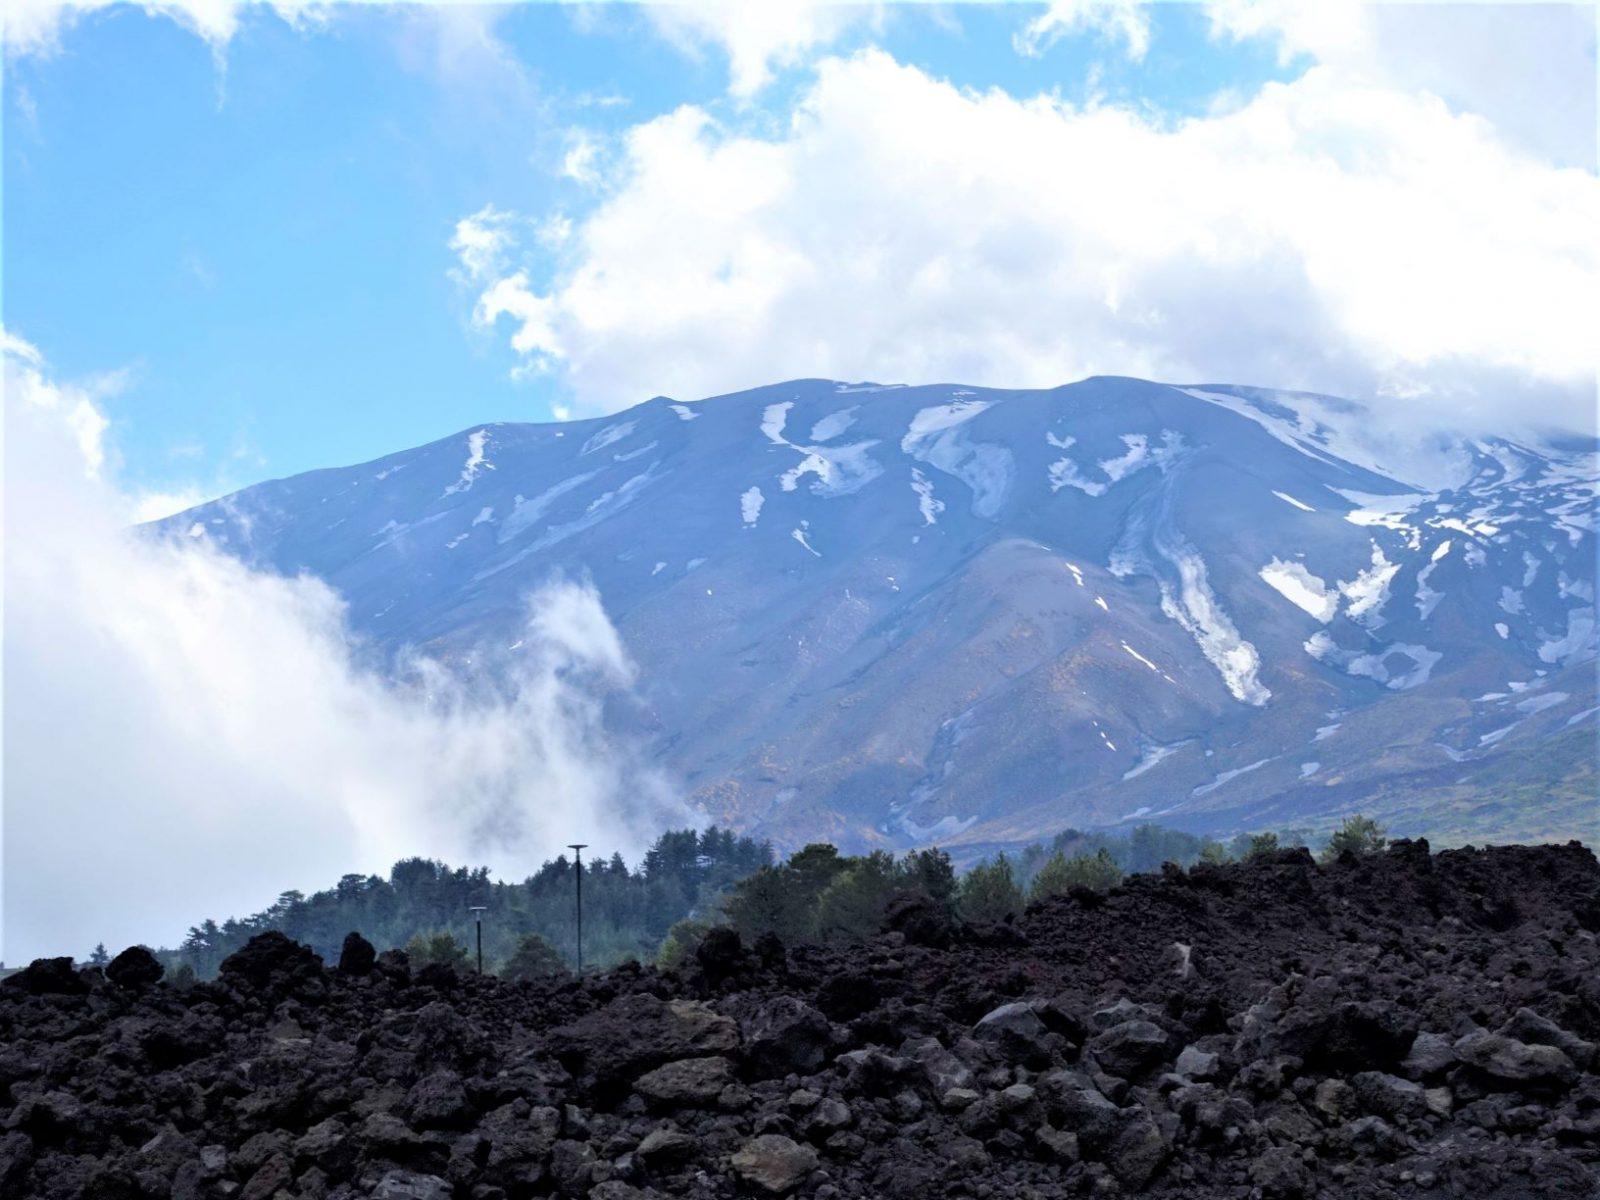 Vulkanen Etna på toppen